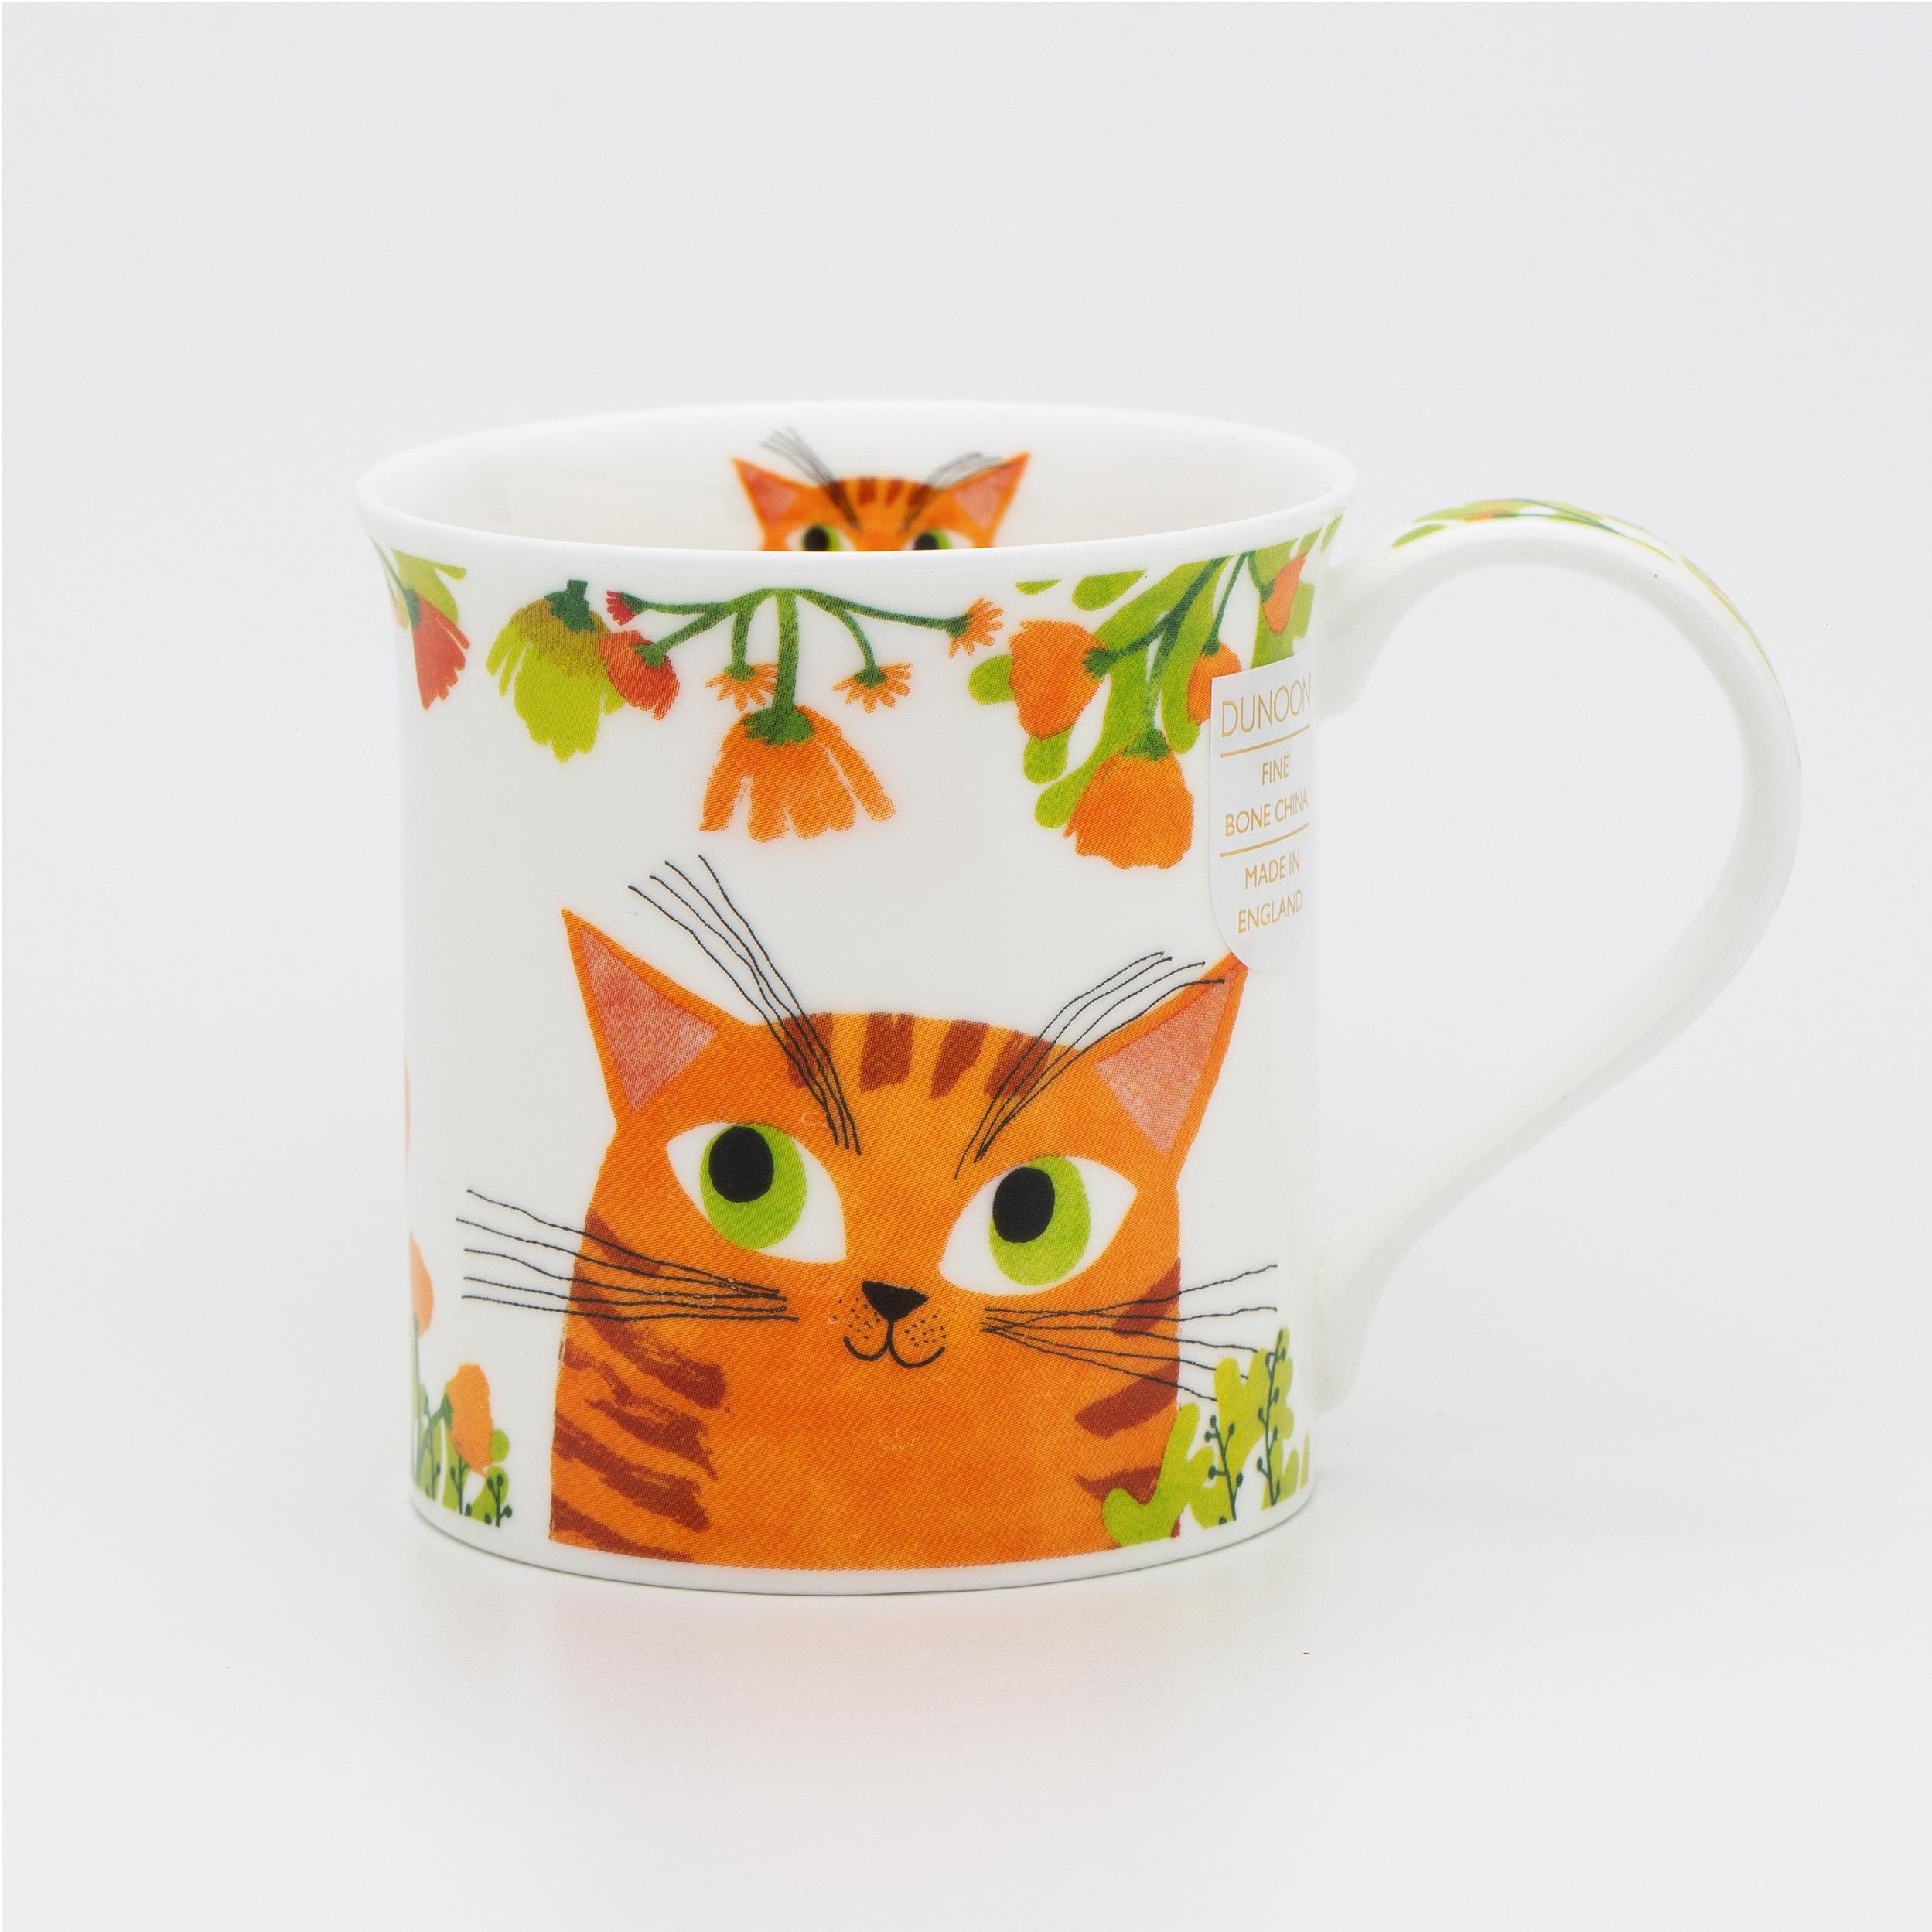 英国原产丹侬Dunoon骨瓷水杯马克杯茶杯BUTE型 灵动的猫咪 橙色